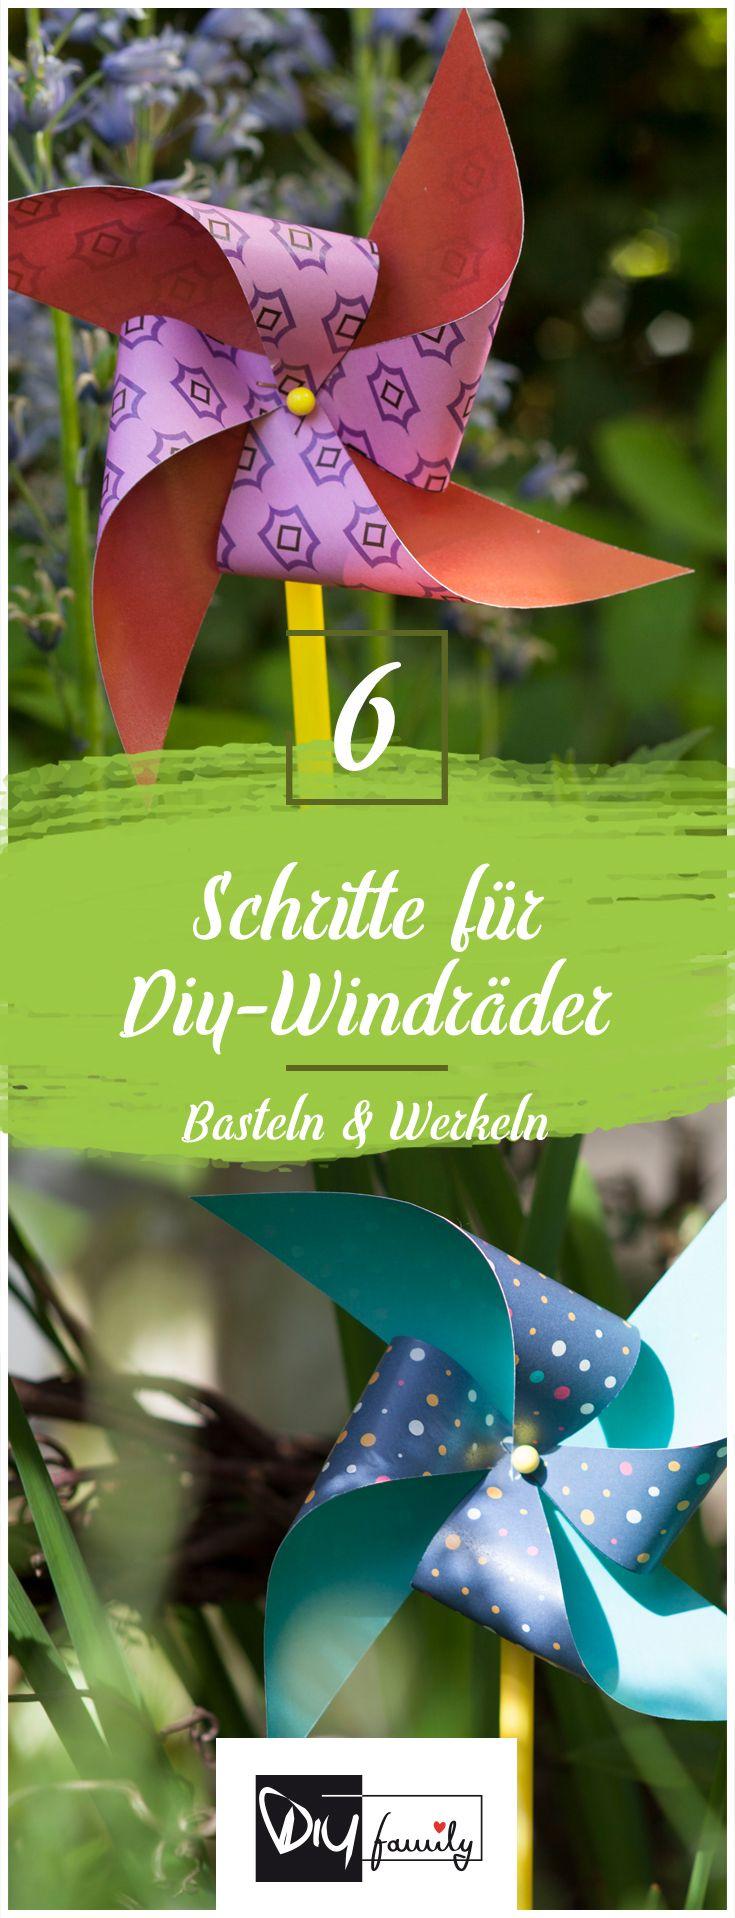 Stylische Windräder im Retro-Look  #retro, #summer, #garden, #windy, #pattern,